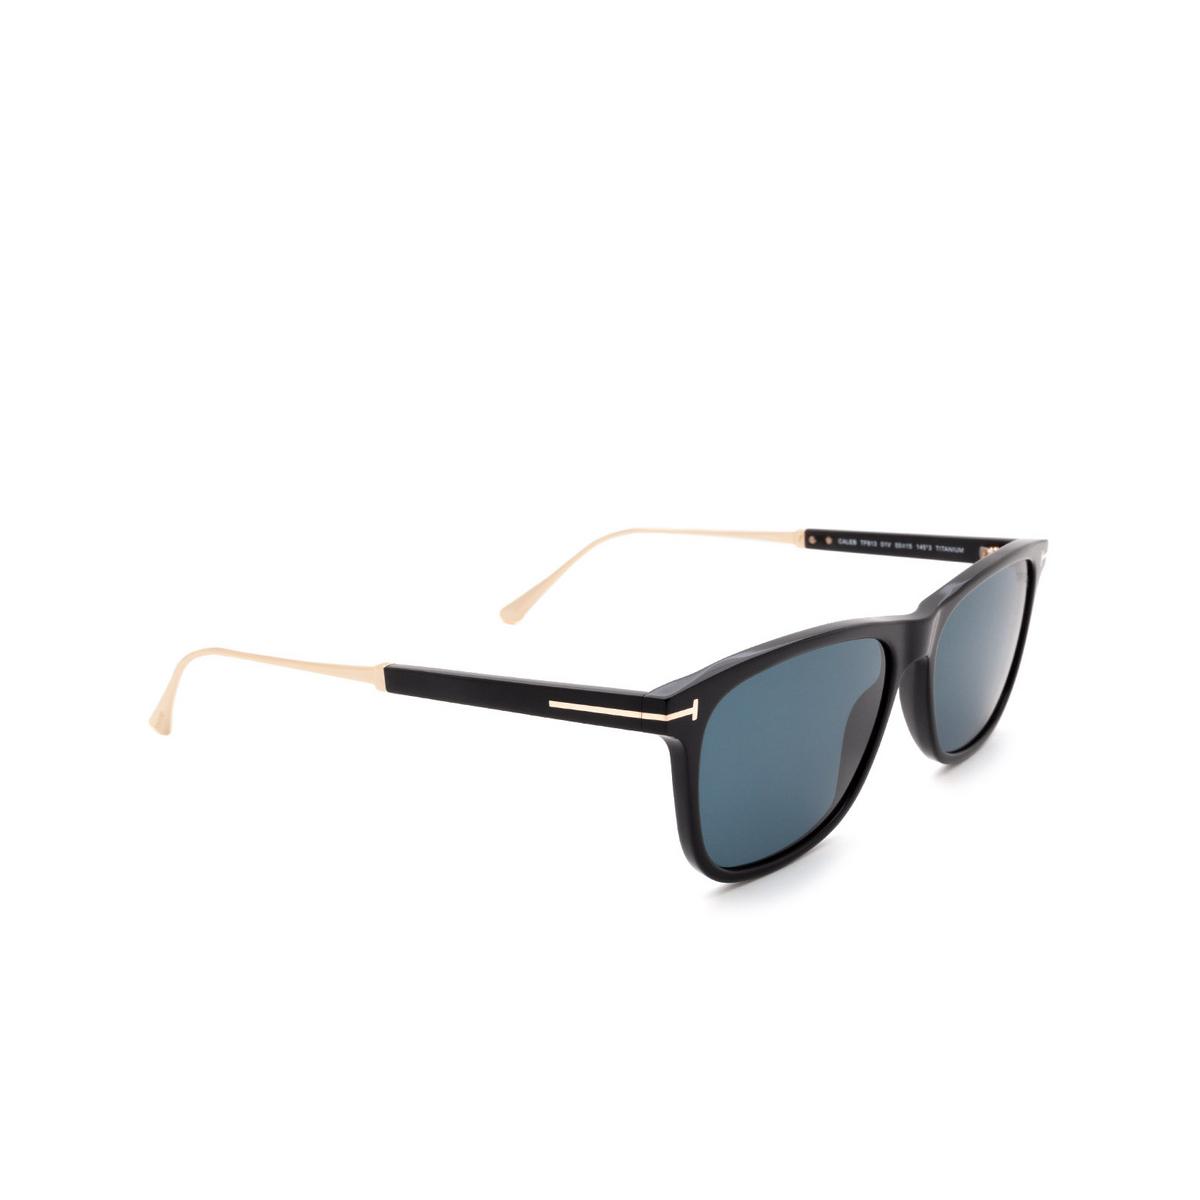 Tom Ford® Rectangle Sunglasses: Caleb FT0813 color Shiny Black 01V - three-quarters view.